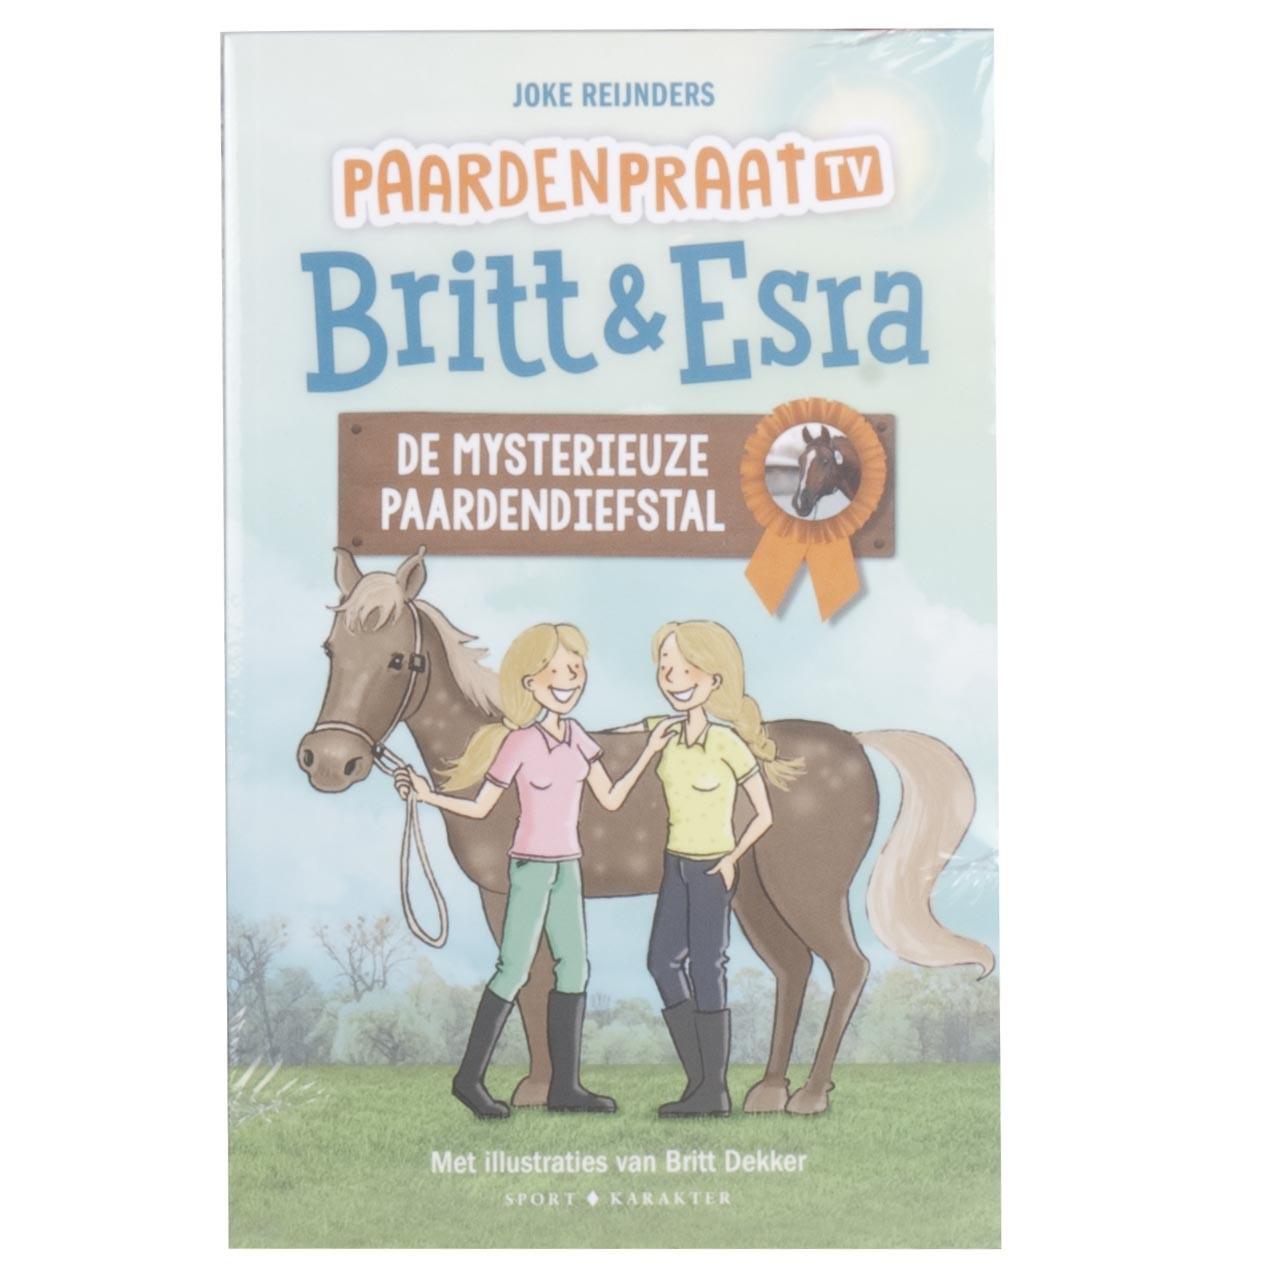 Britt & Esra, De mysterieuze paardendiefstal